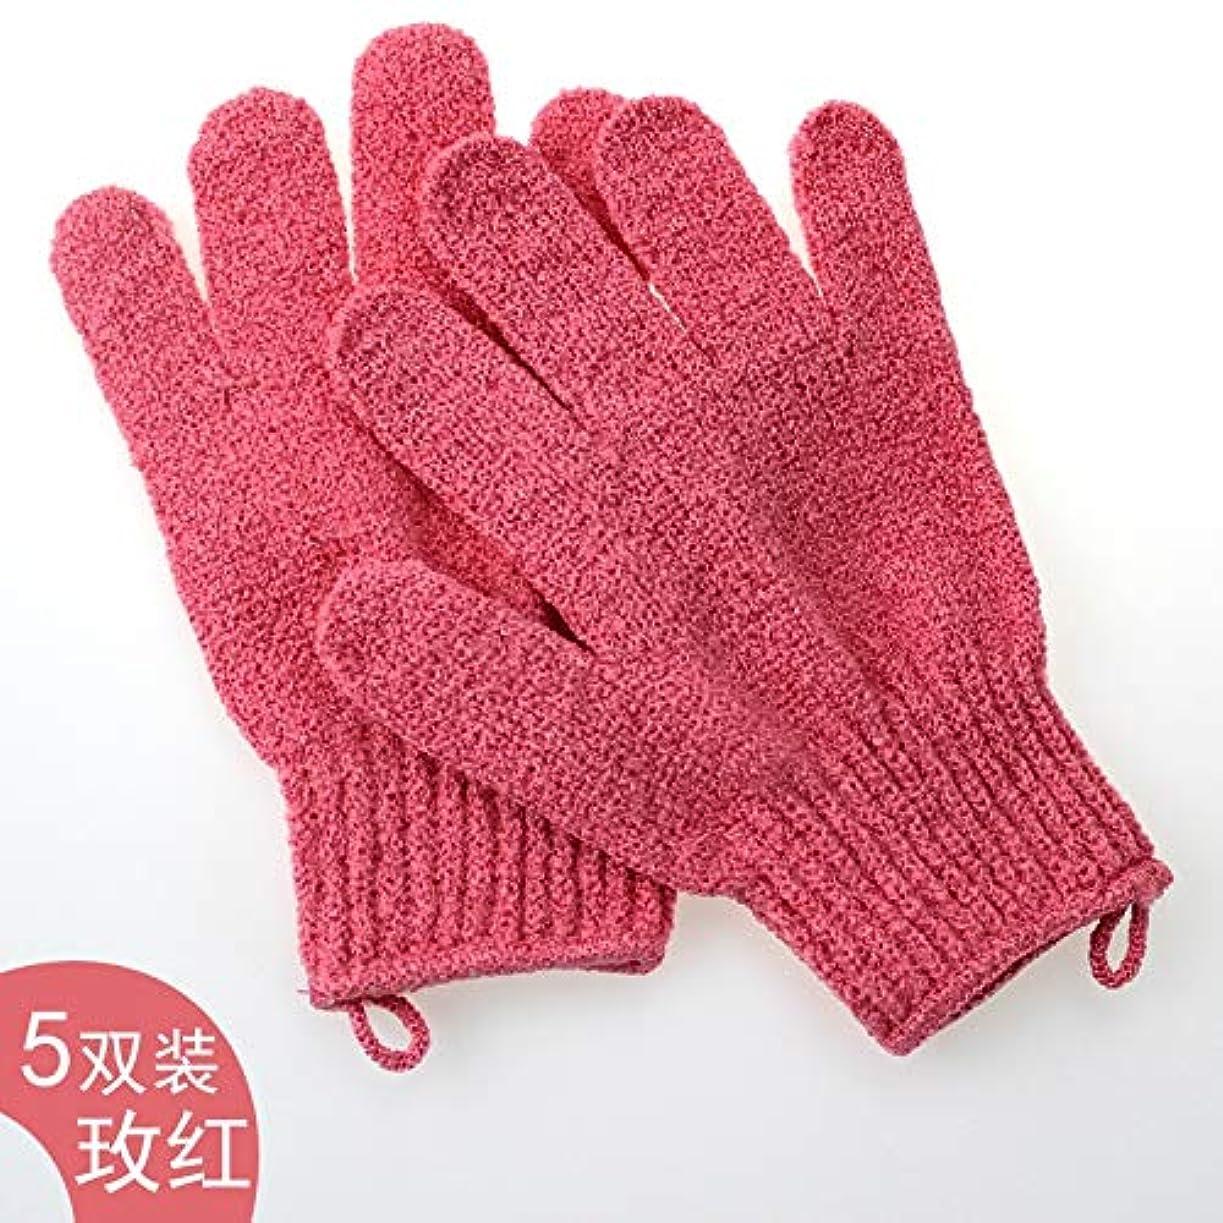 強大なエスニック最初BTXXYJP お風呂用手袋 シャワー手袋 あかすり ボディタオル ボディブラシ やわらか バス用品 男女兼用 角質除去 (Color : Red)